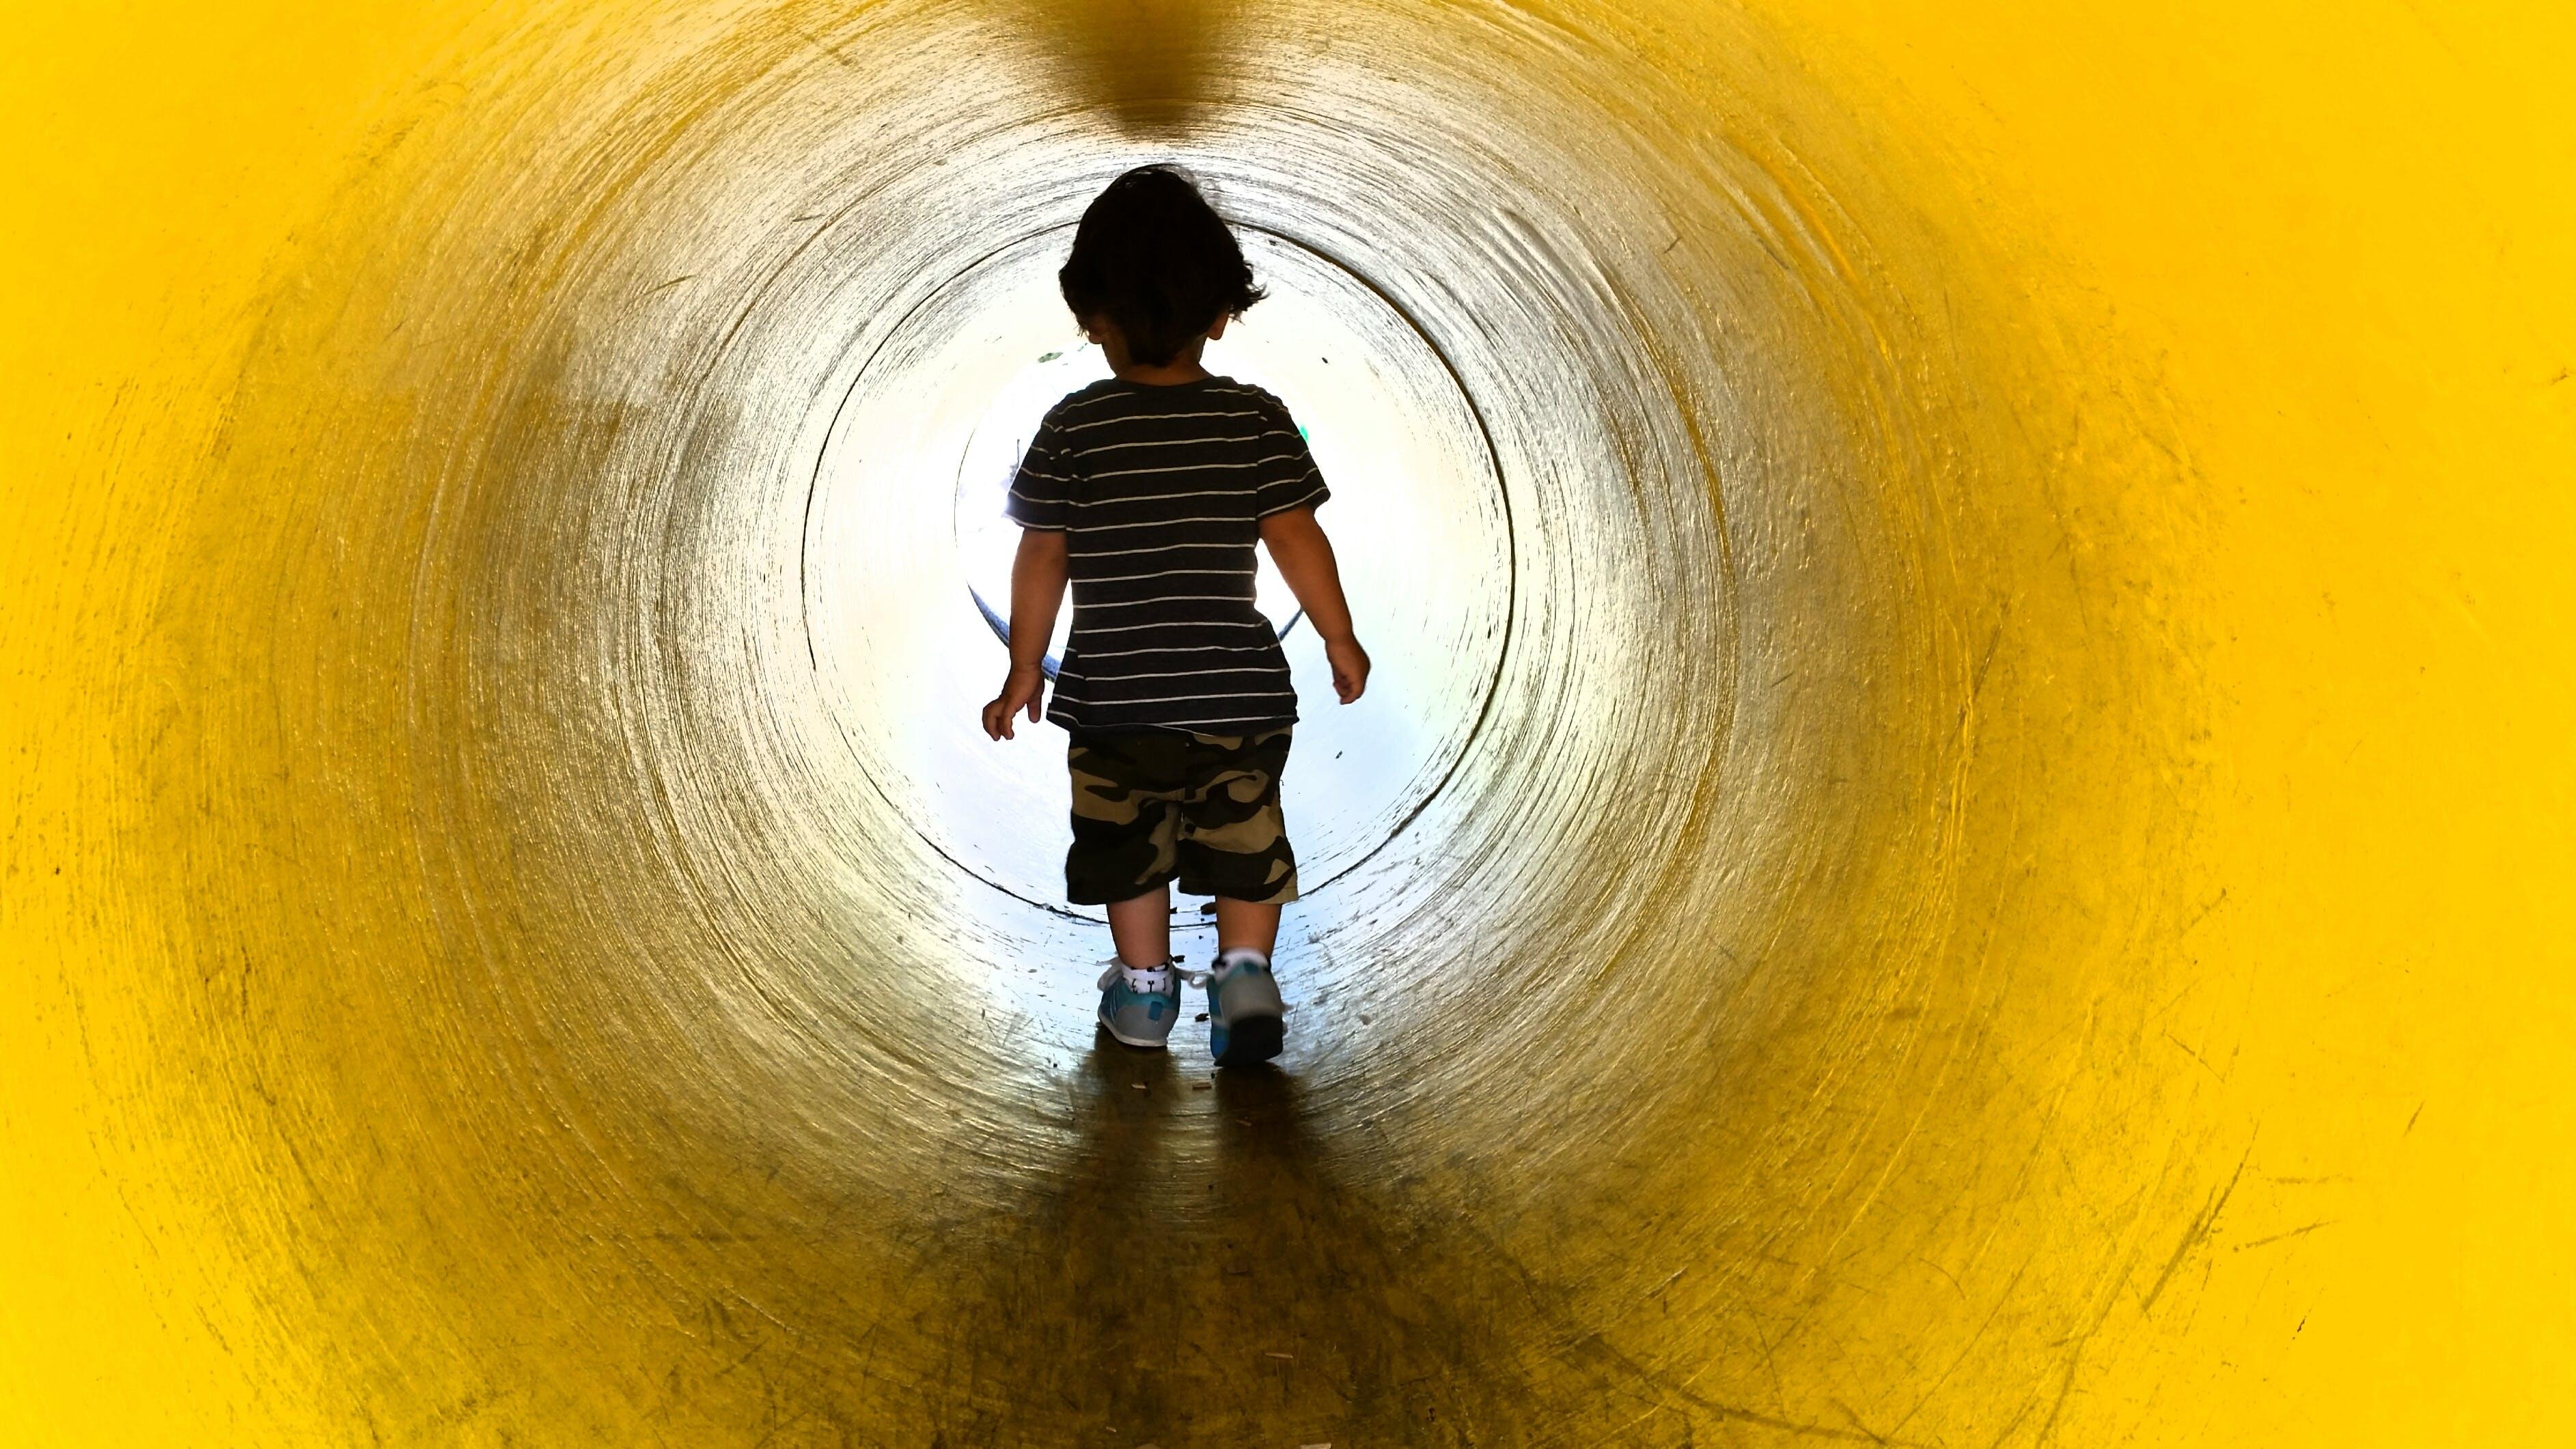 Free stock photo of silhouette, tunnel, fun, kid